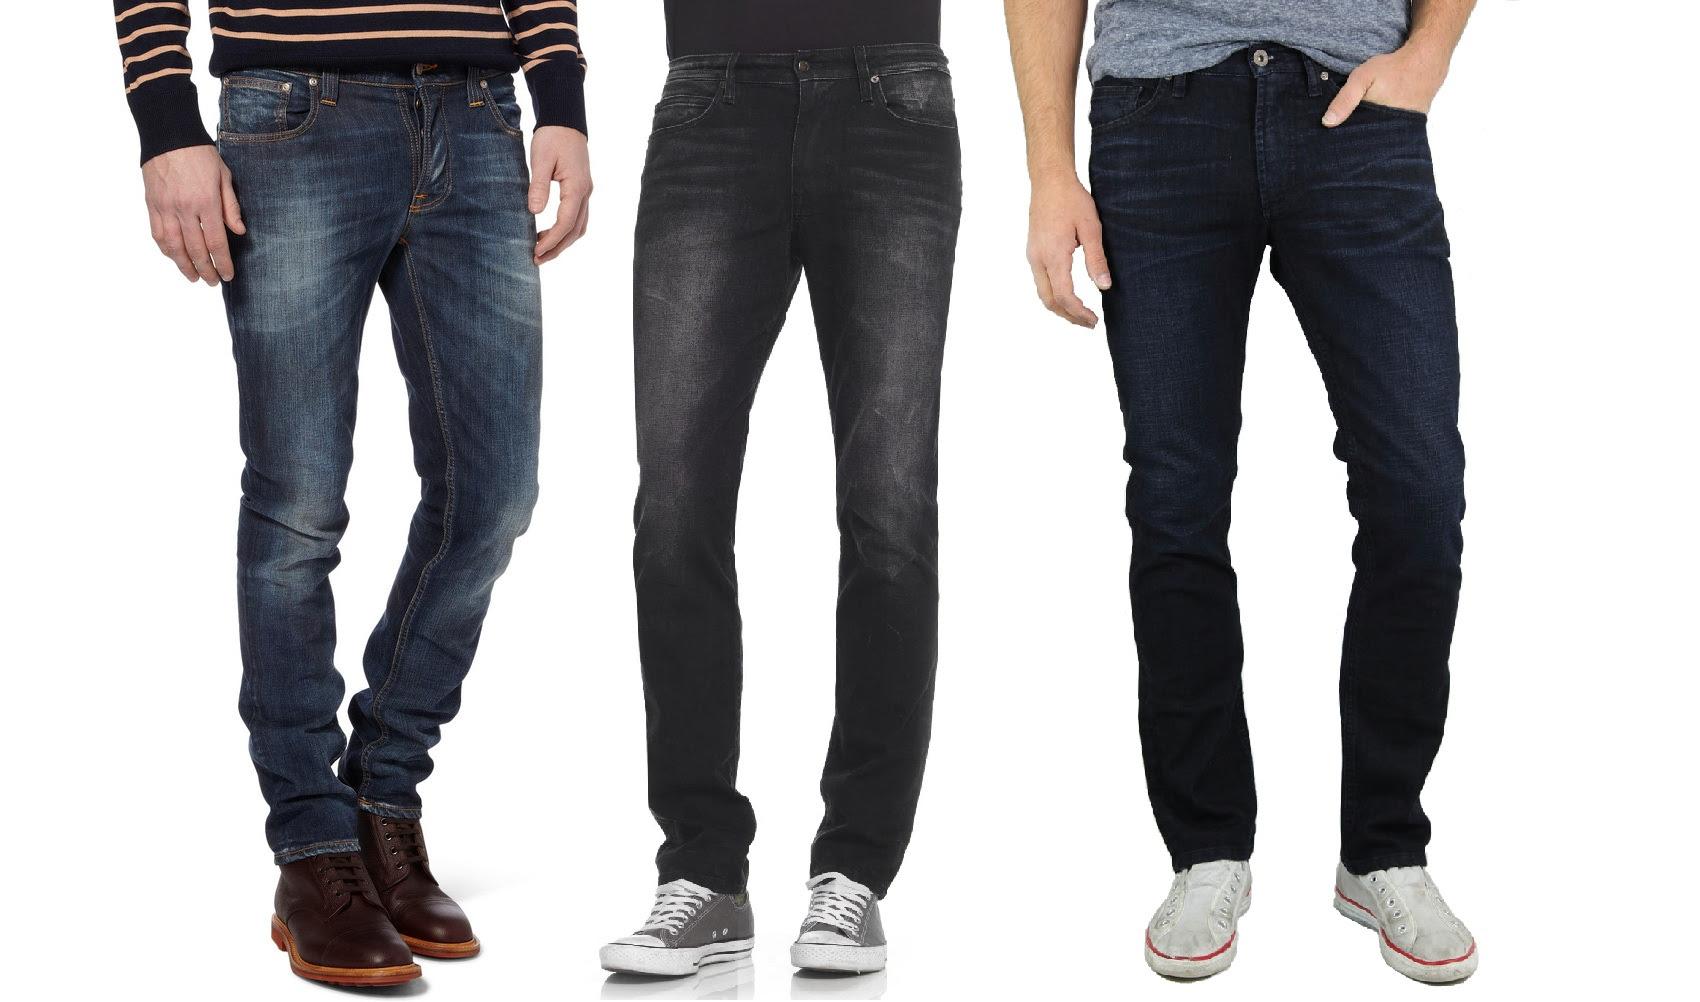 http://www.denimblog.com/wp-content/uploads/2013/01/Skinny-Jeans-Men-2.jpg